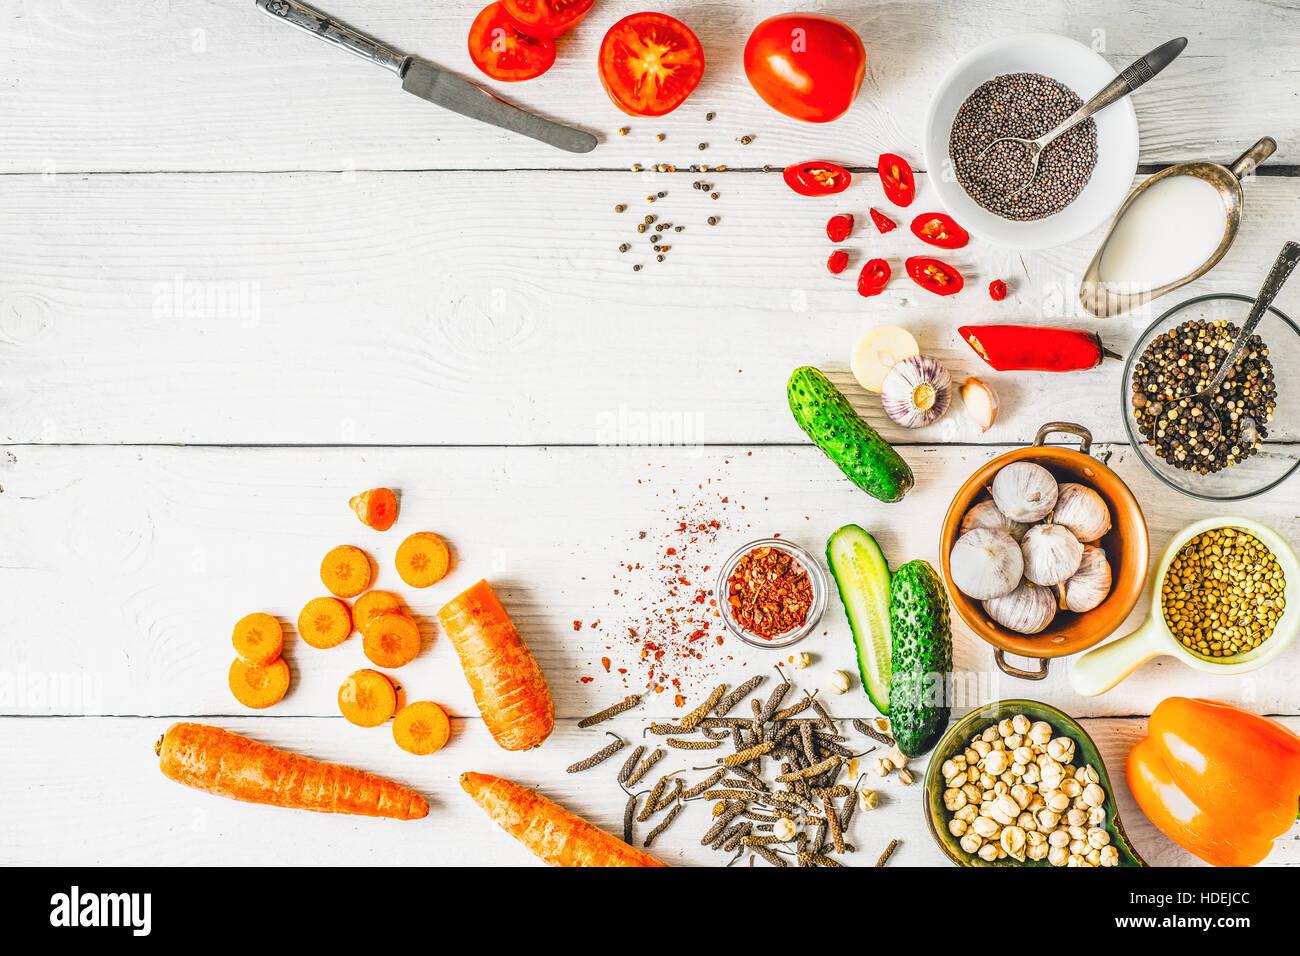 Produits pour Moyen Orient , cuisine caucasiennes et asiatiques sur la vue de dessus de table blanc Photo Stock